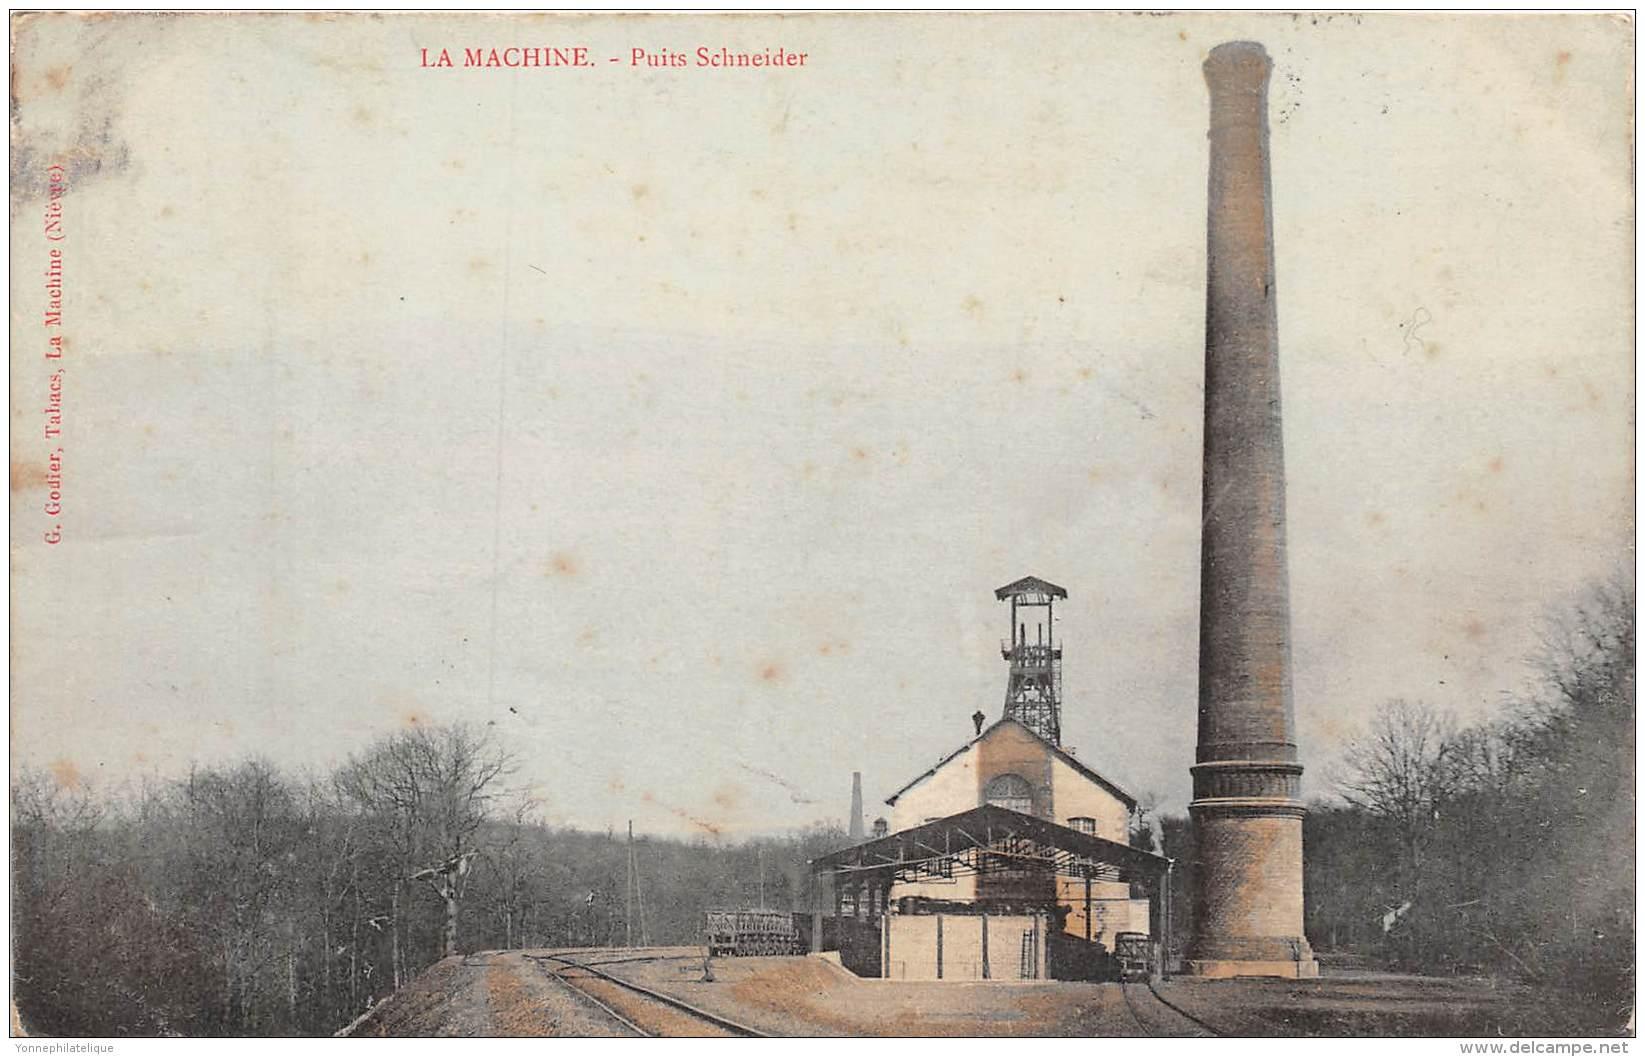 58 - NIEVRE / La Machine - 583846 - Puits Schneider - La Machine